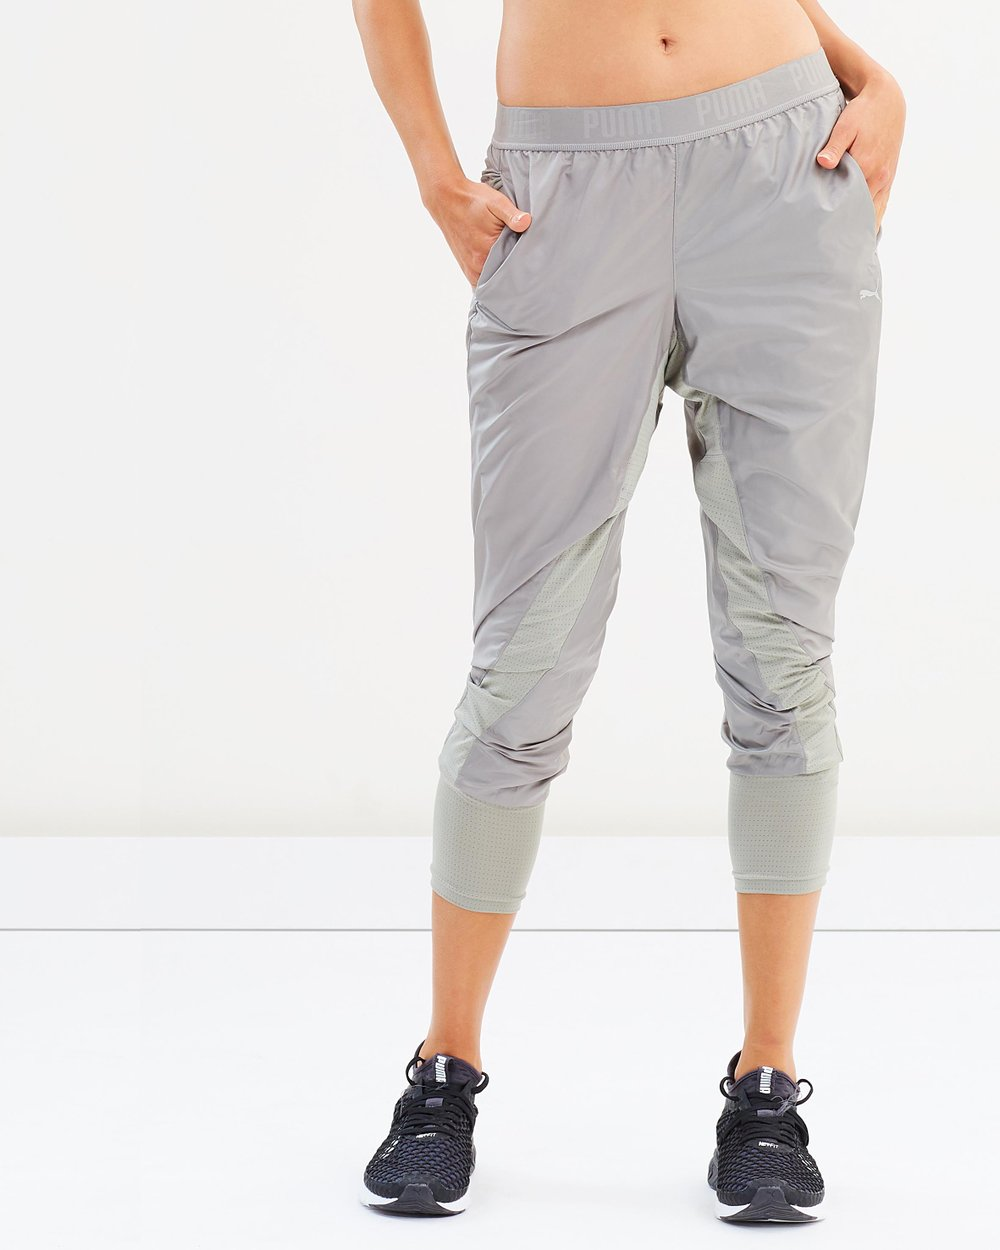 75487d1e89d En Pointe Woven Dance Pants by Puma Online